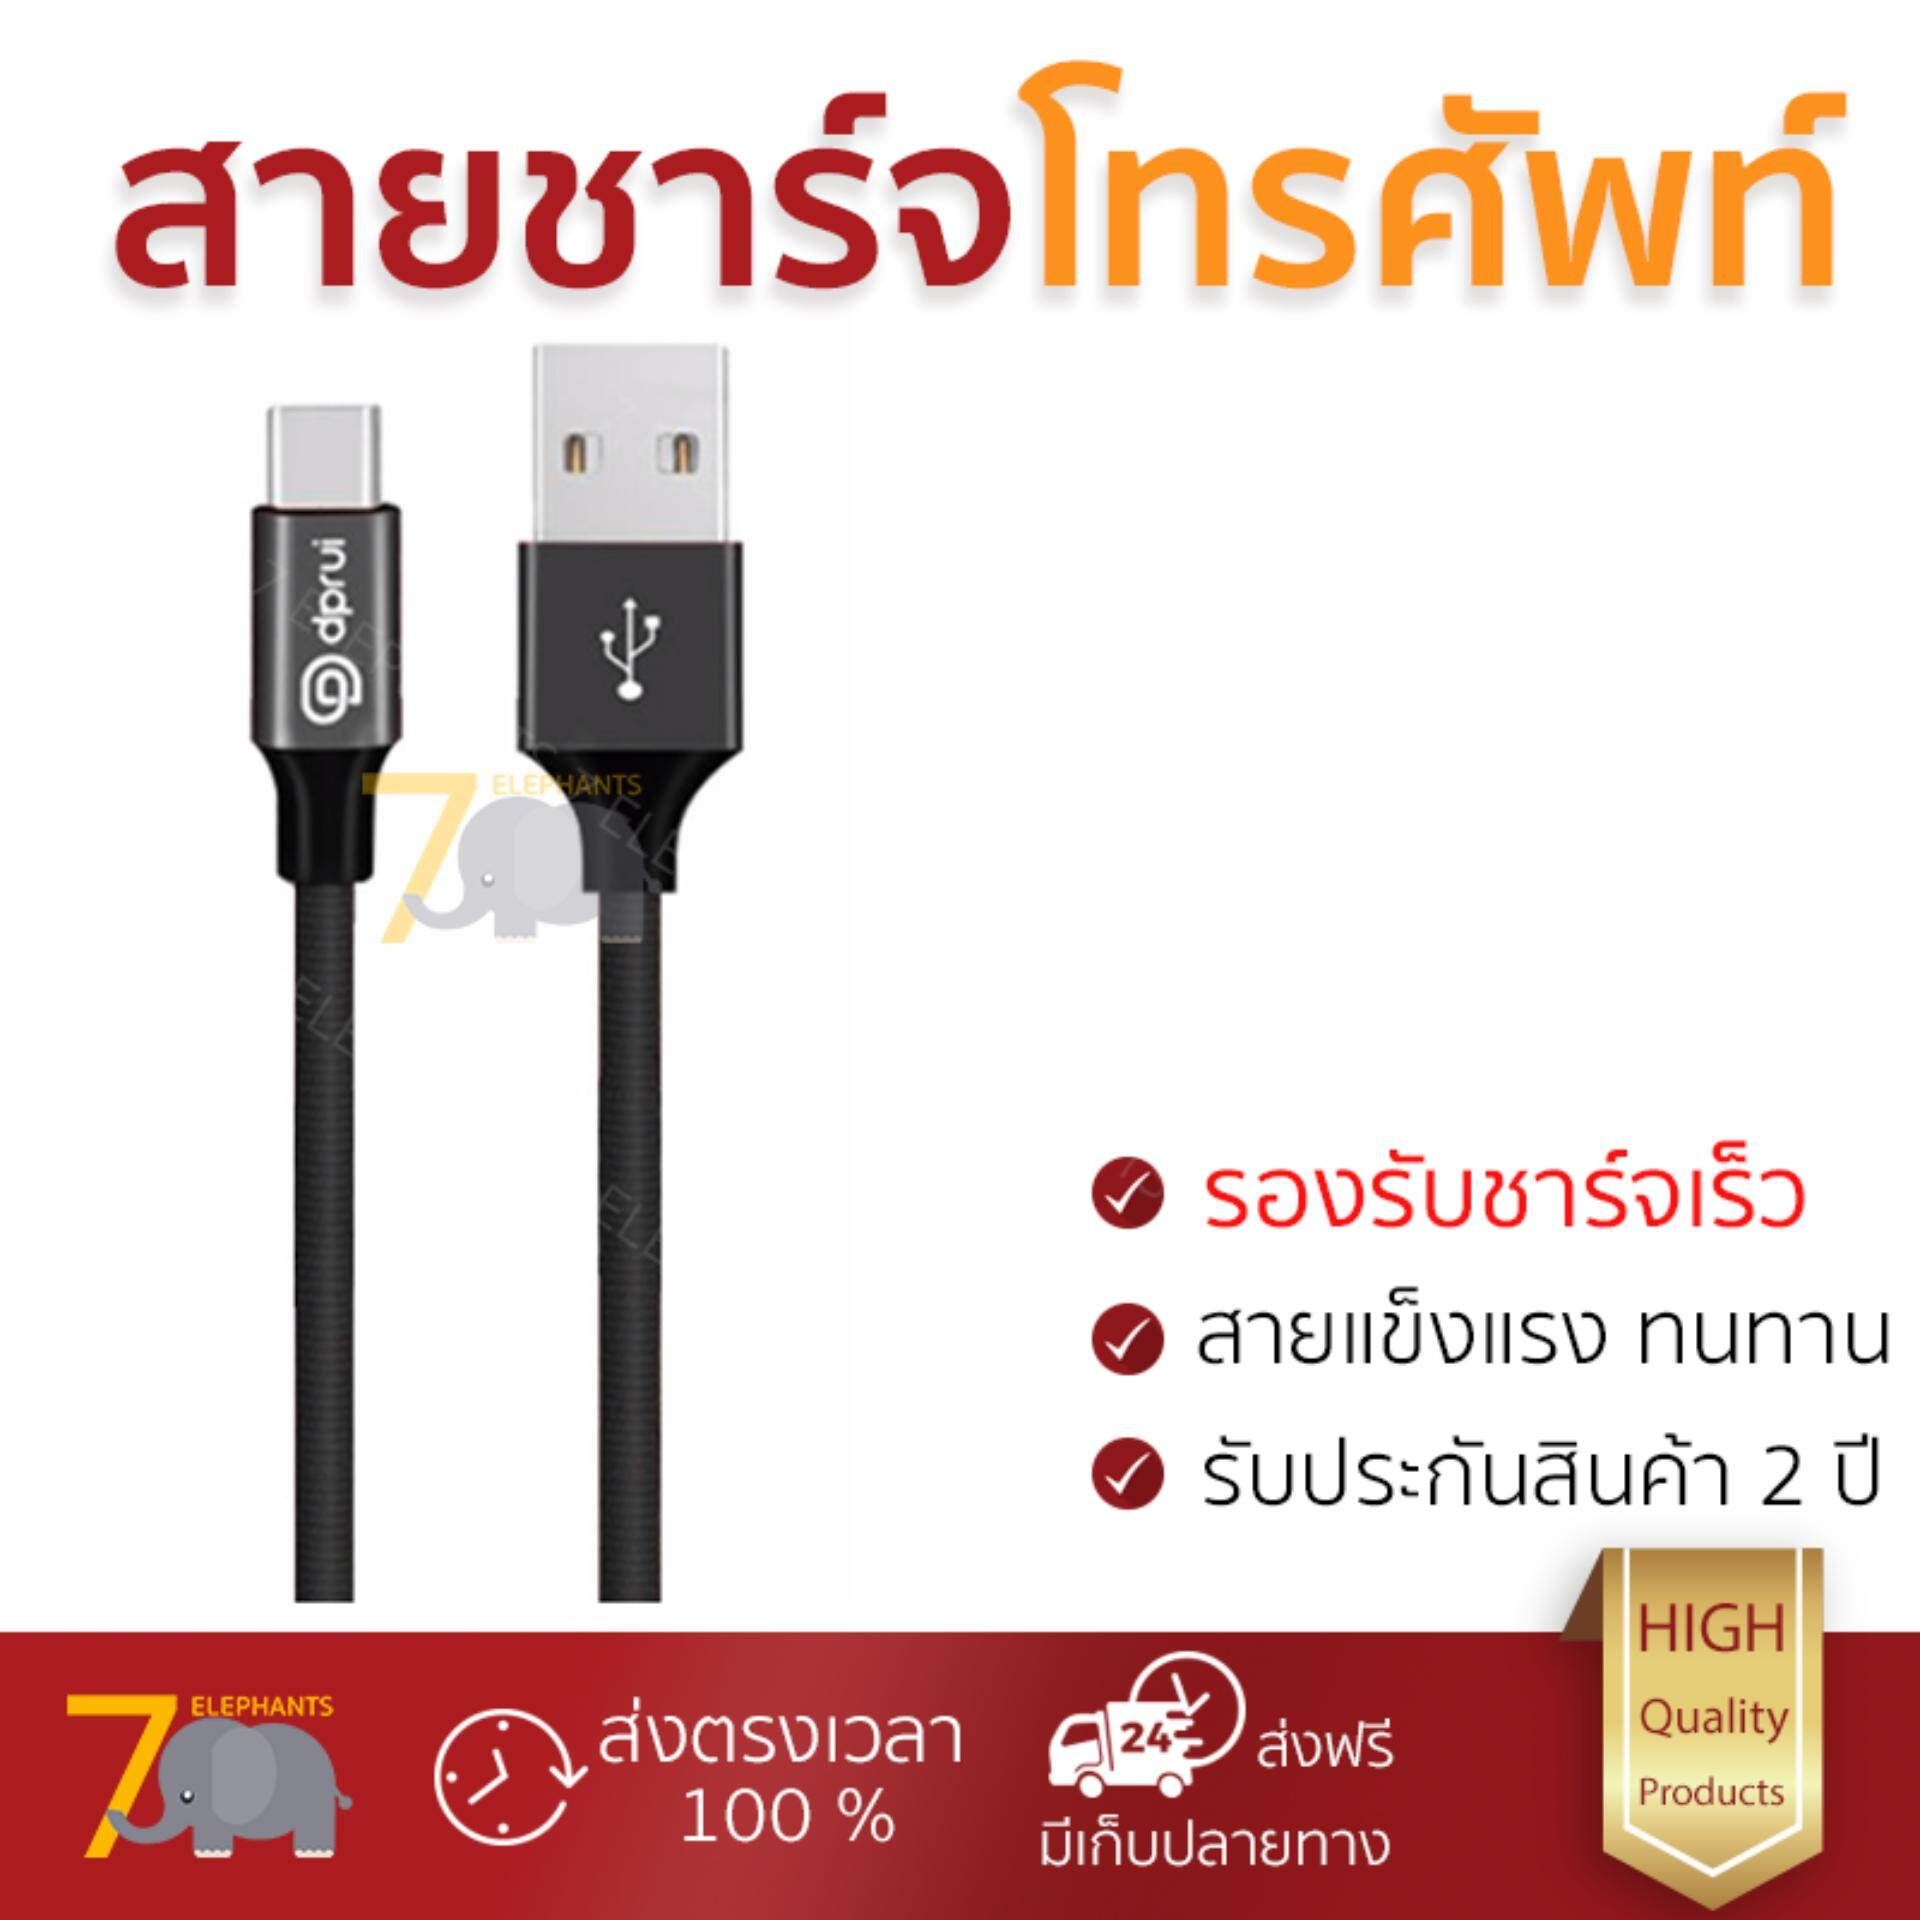 ขายดีมาก! ราคาพิเศษ รุ่นยอดนิยม สายชาร์จโทรศัพท์ Dprui DC161 USB-A to USB-C 1.8M. Black (IMP) สายชาร์จทนทาน แข็งแรง จ่ายไฟเร็ว Mobile Cable จัดส่งฟรี Kerry ทั่วประเทศ